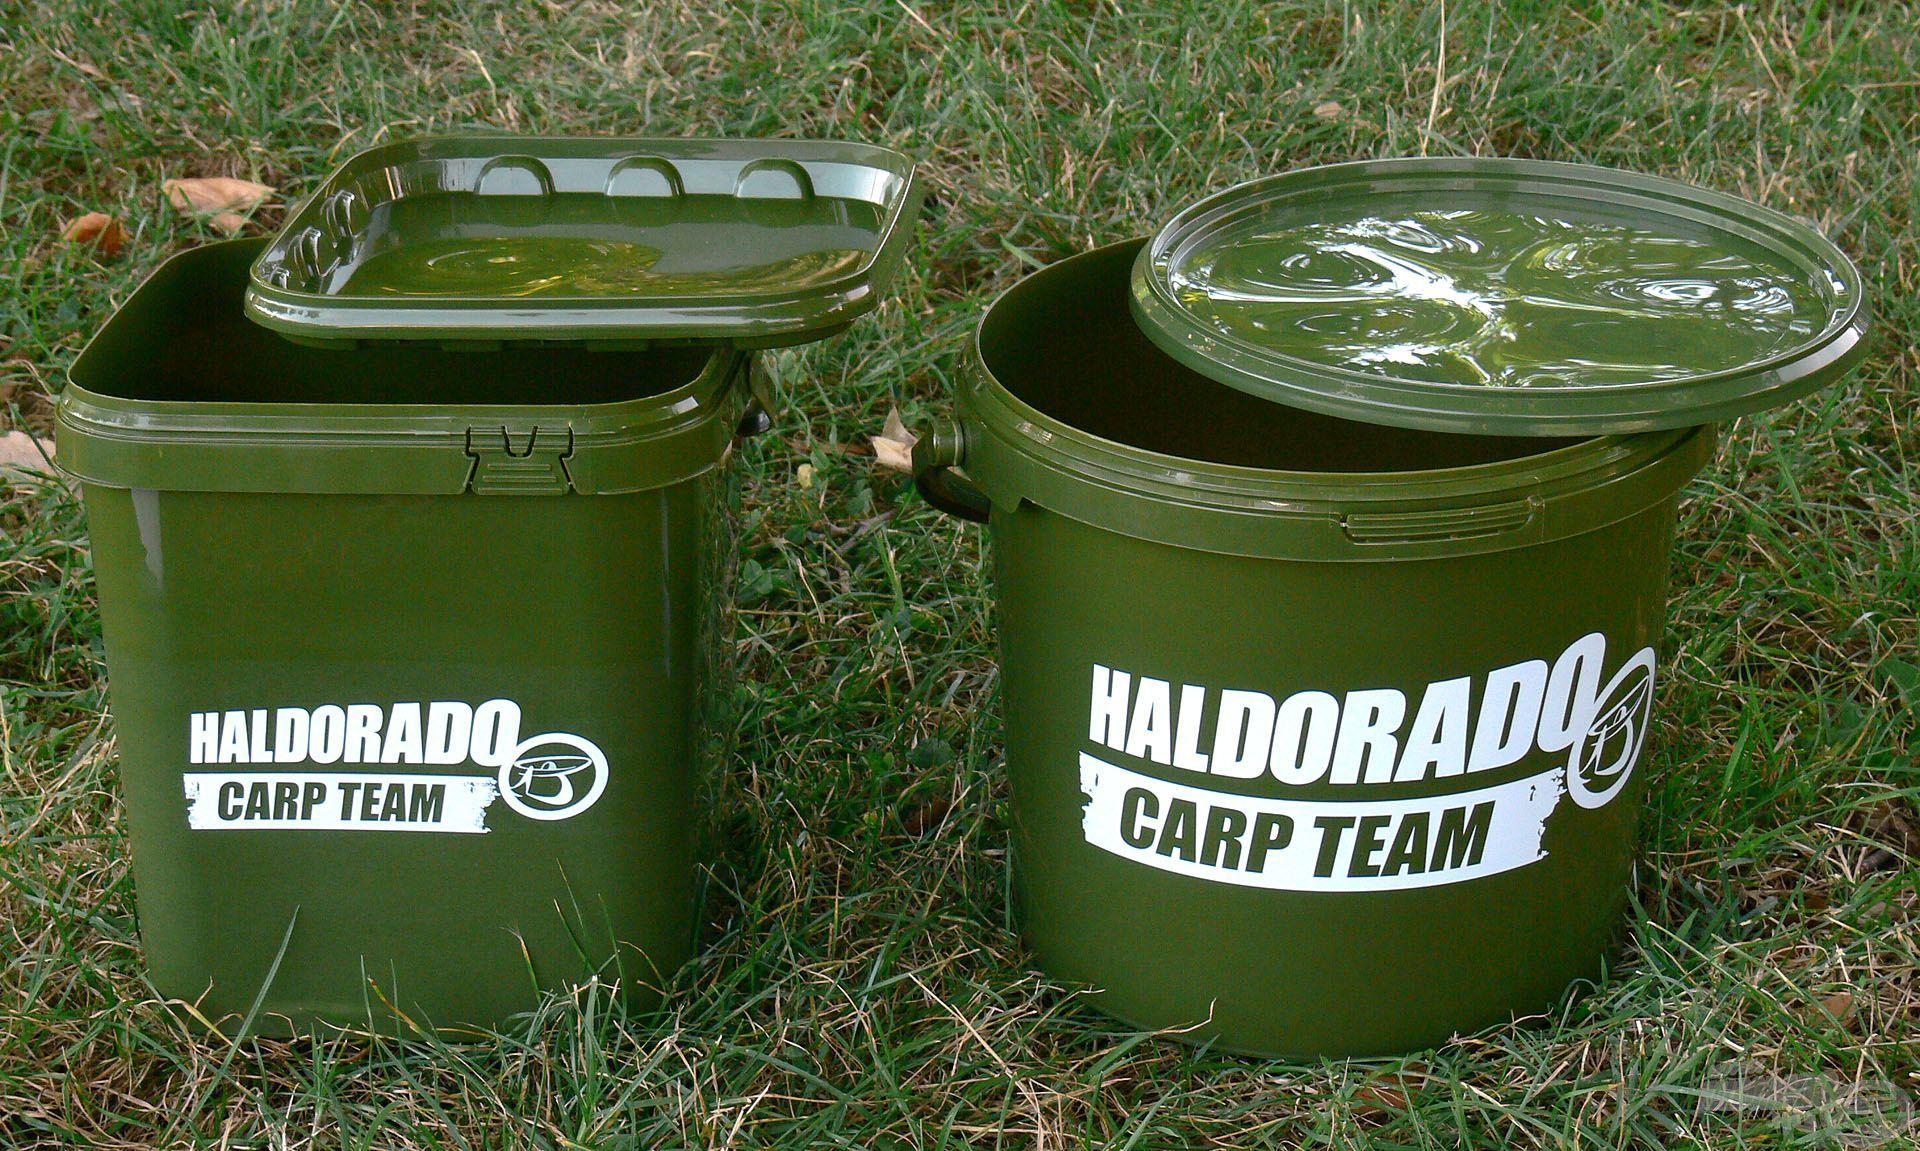 Legújabb típusaink az 5 liter űrtartalmú Carp Team vödrök, melyek a nagypontyos (zöld) stílussal szimpatizálók számára igazi hiánypótló érdekességek